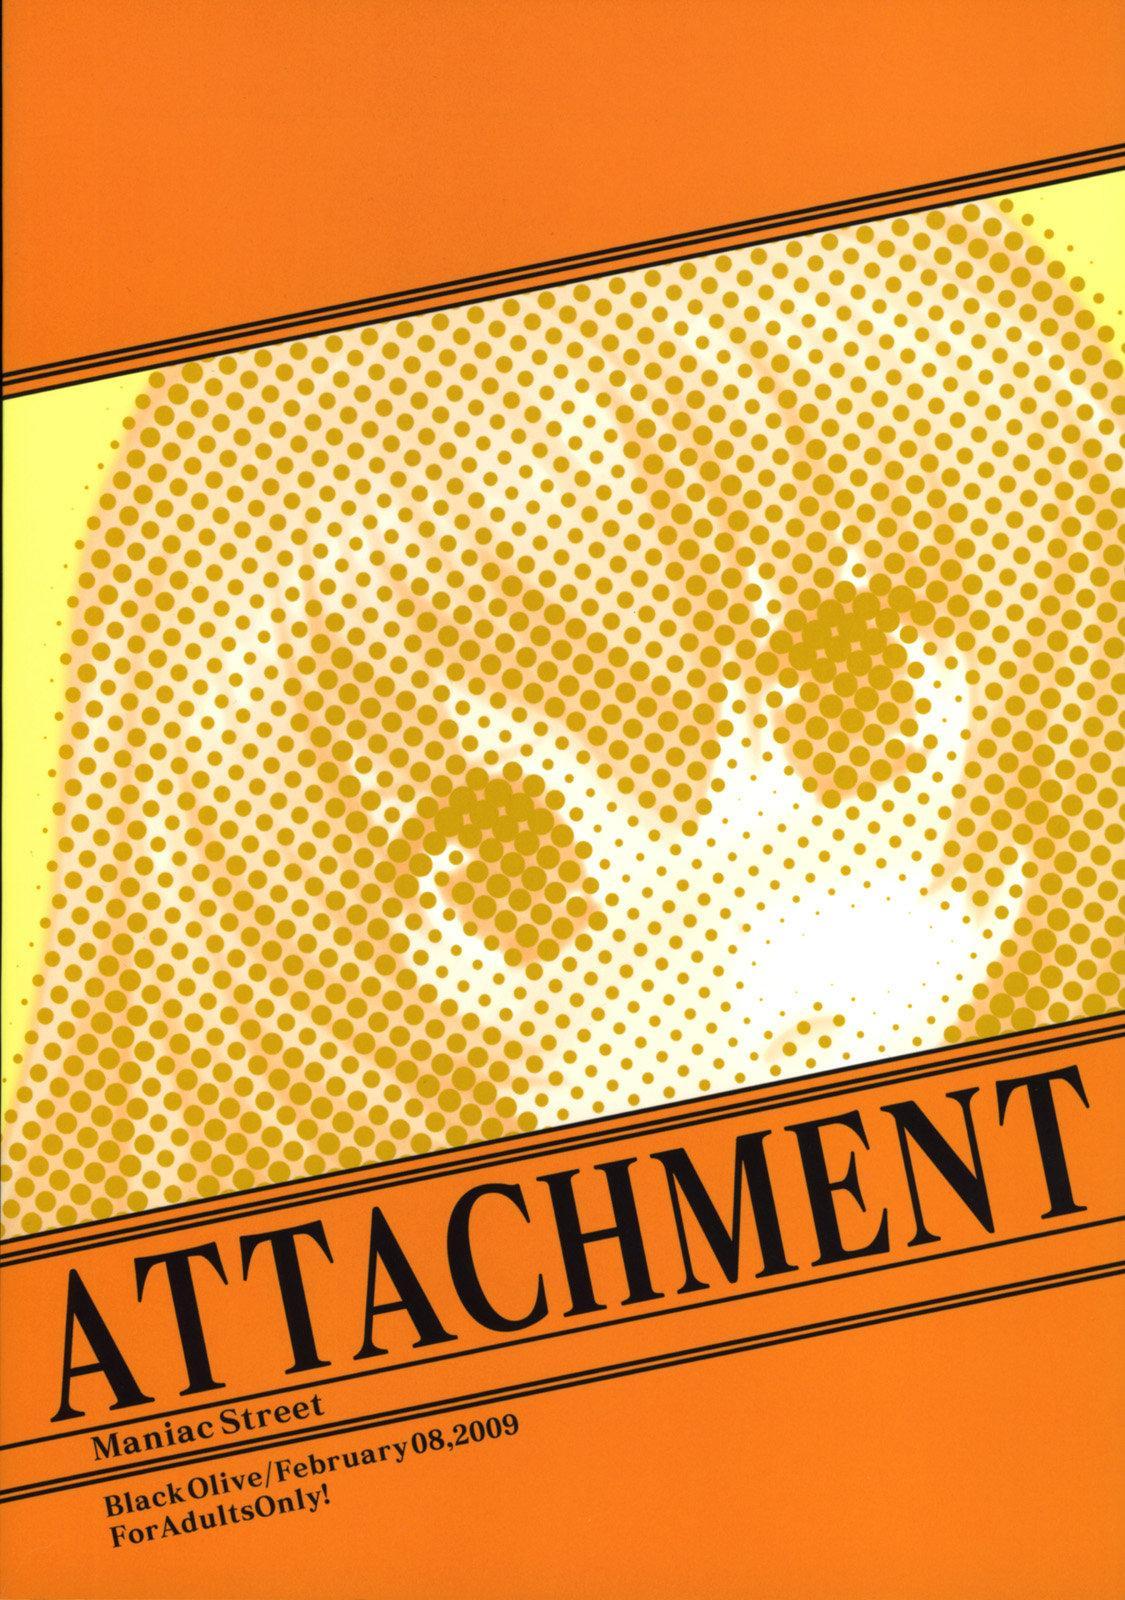 ATTACHMENT 29